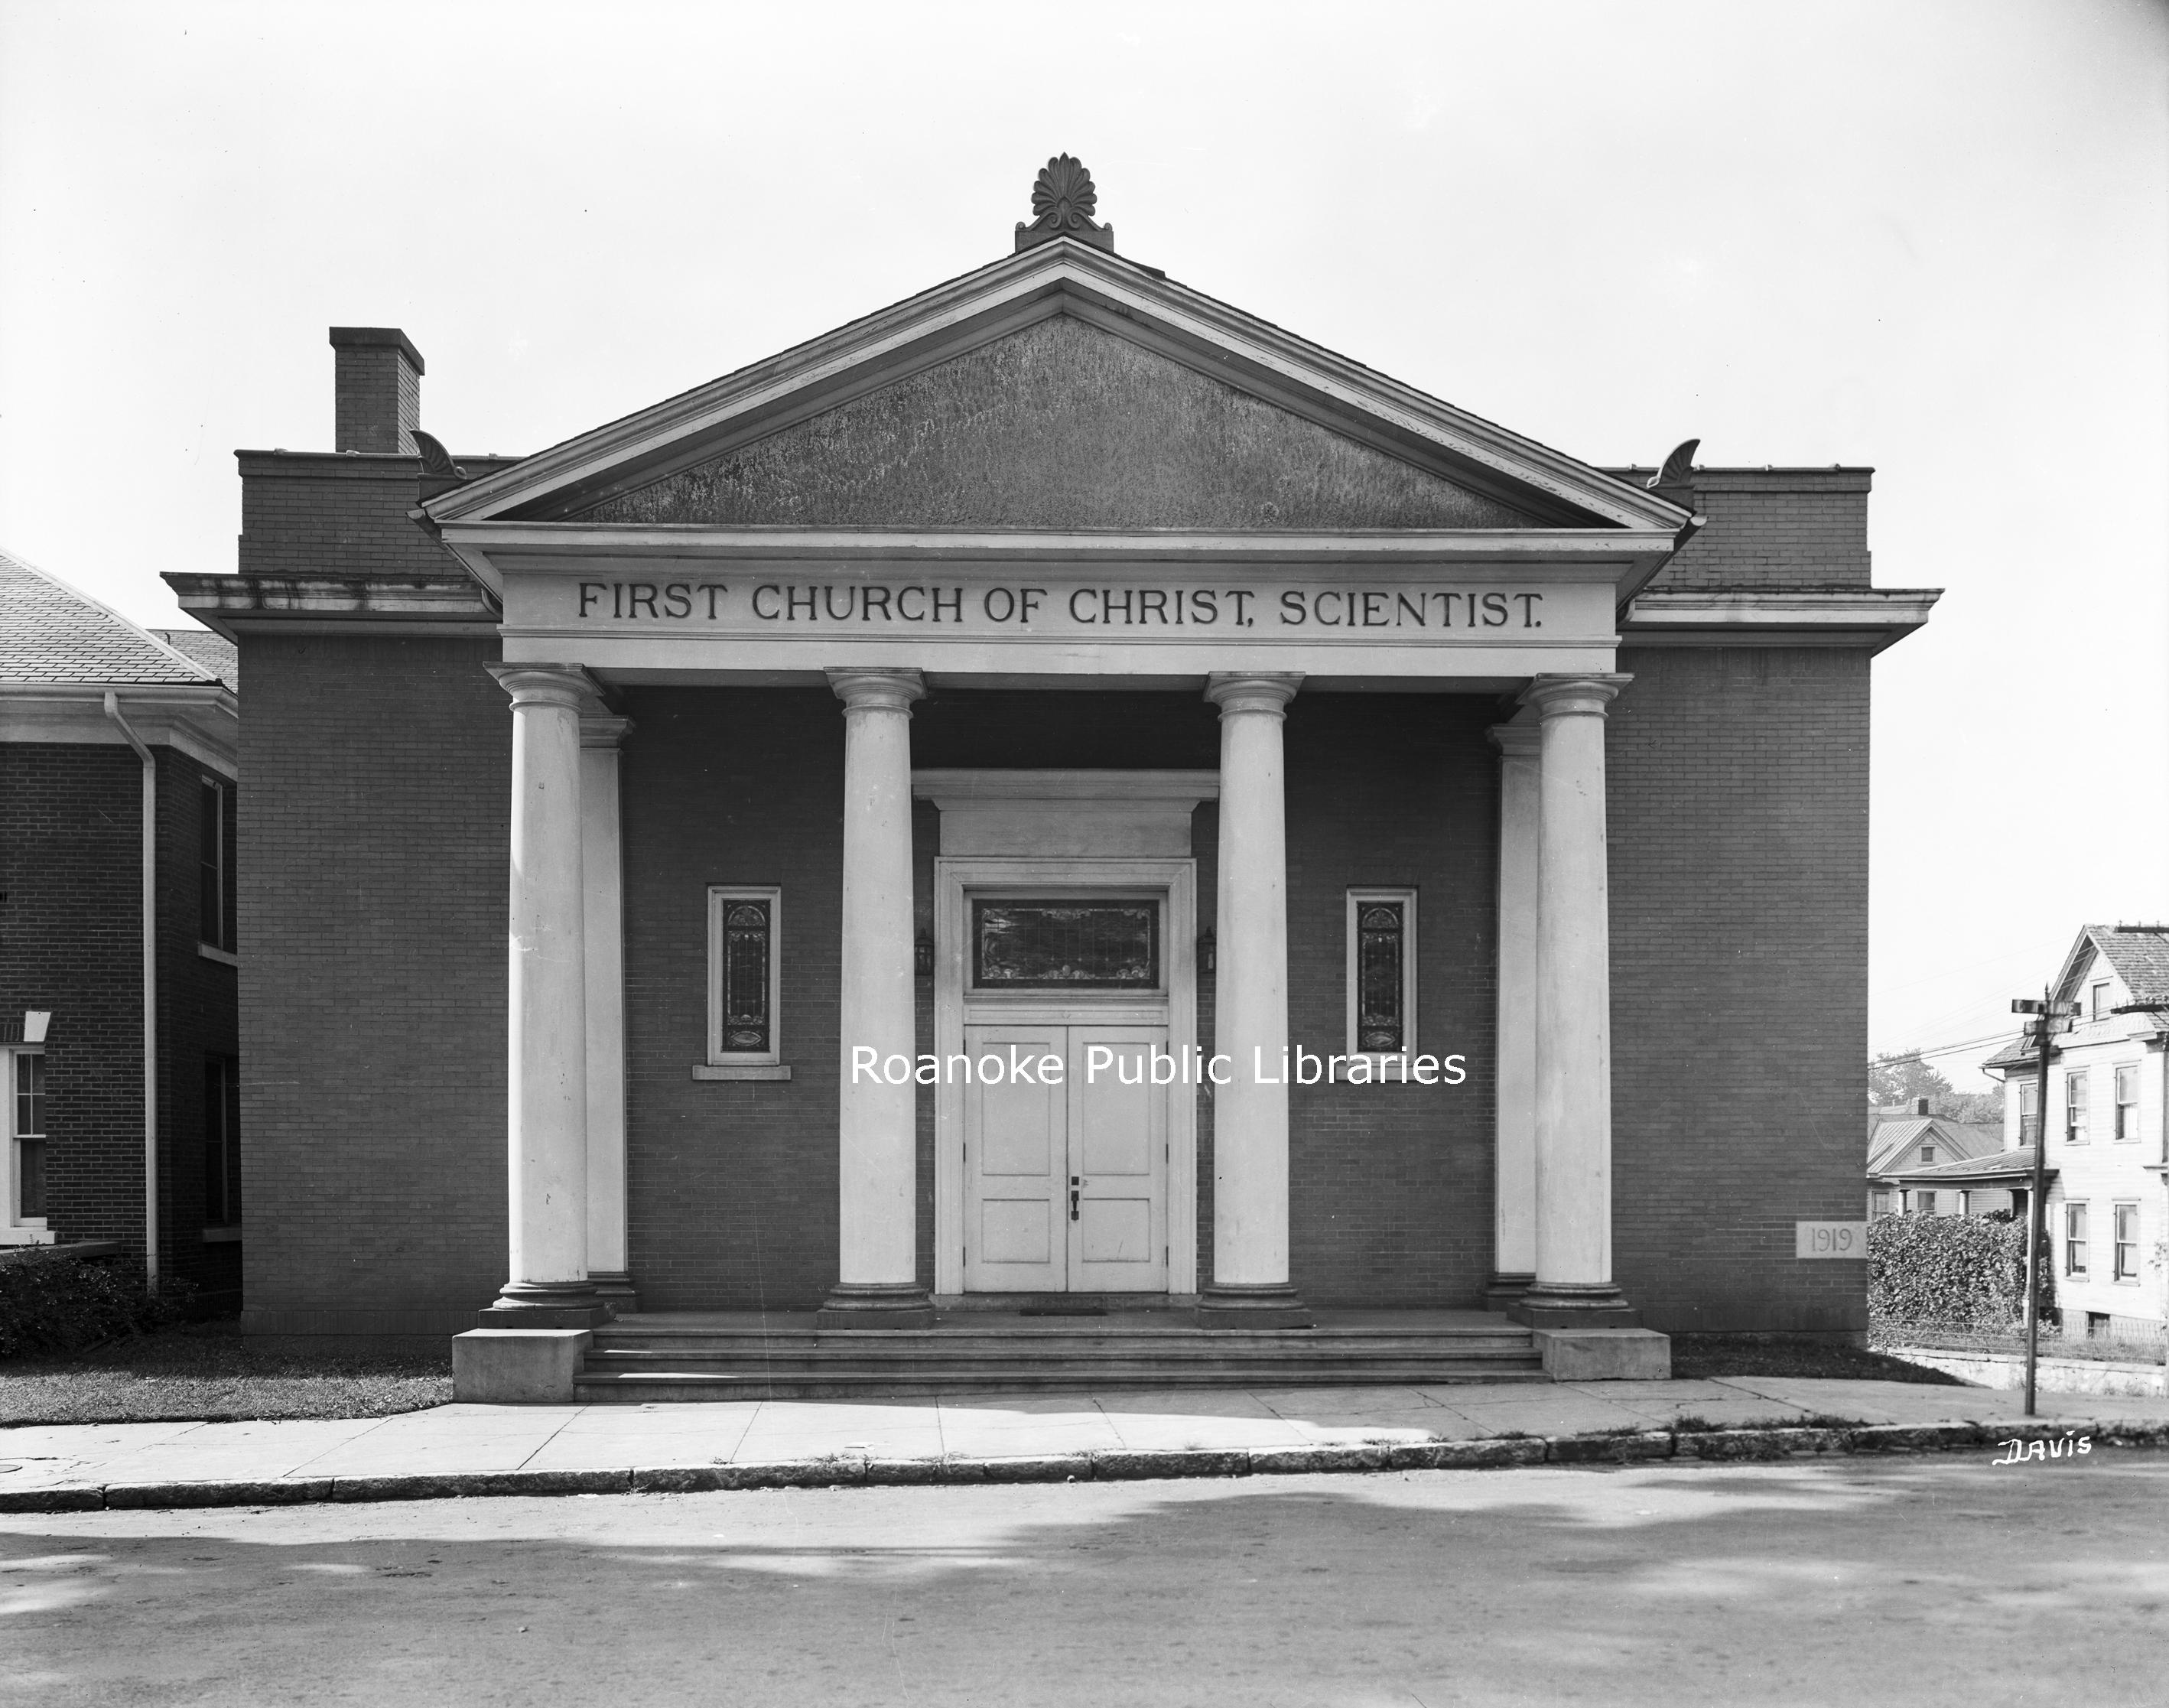 Davis 27.11 First Church of Christ Scientist.jpg